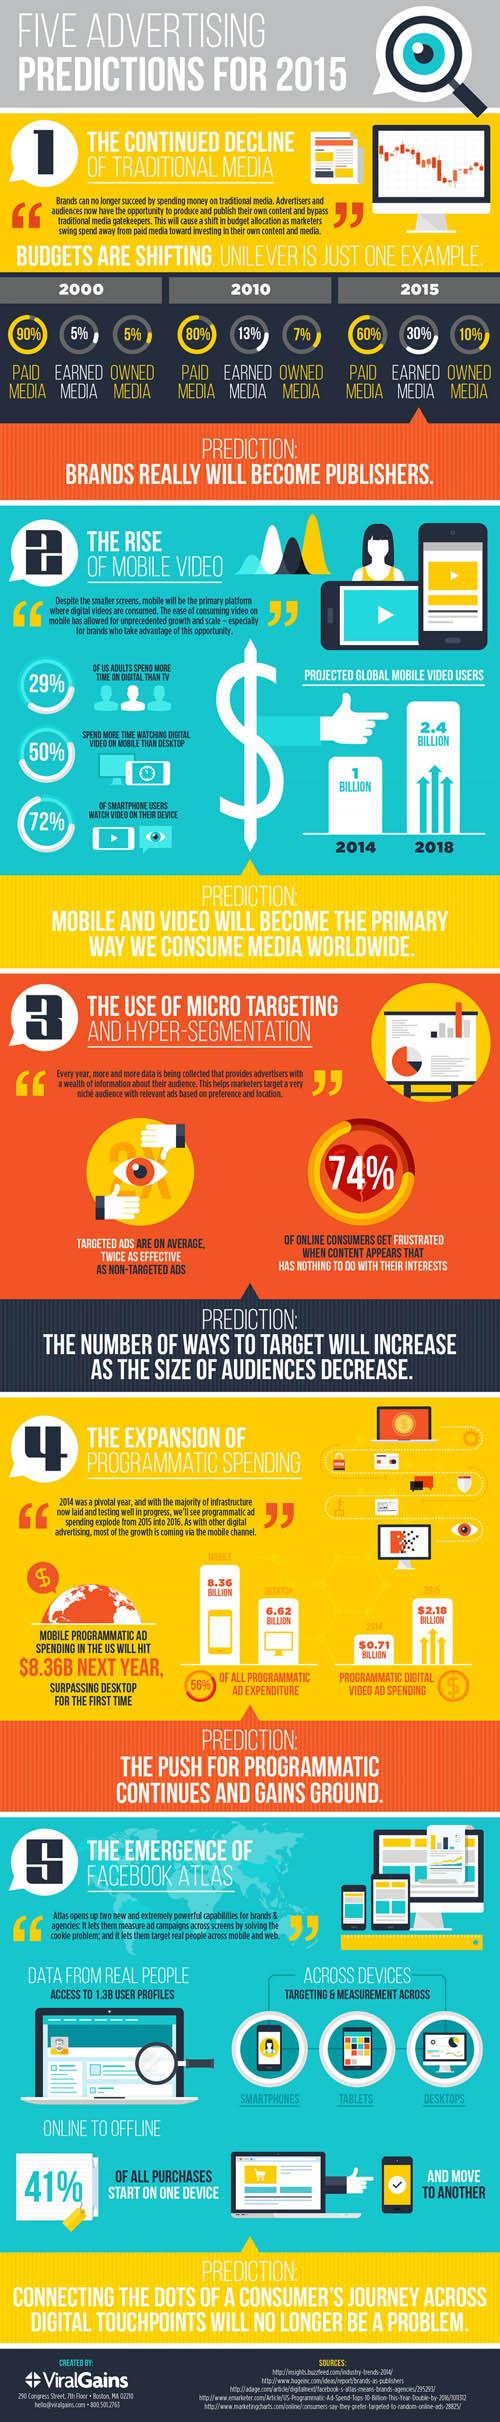 Reklamcılıkta 2015 tahminleri